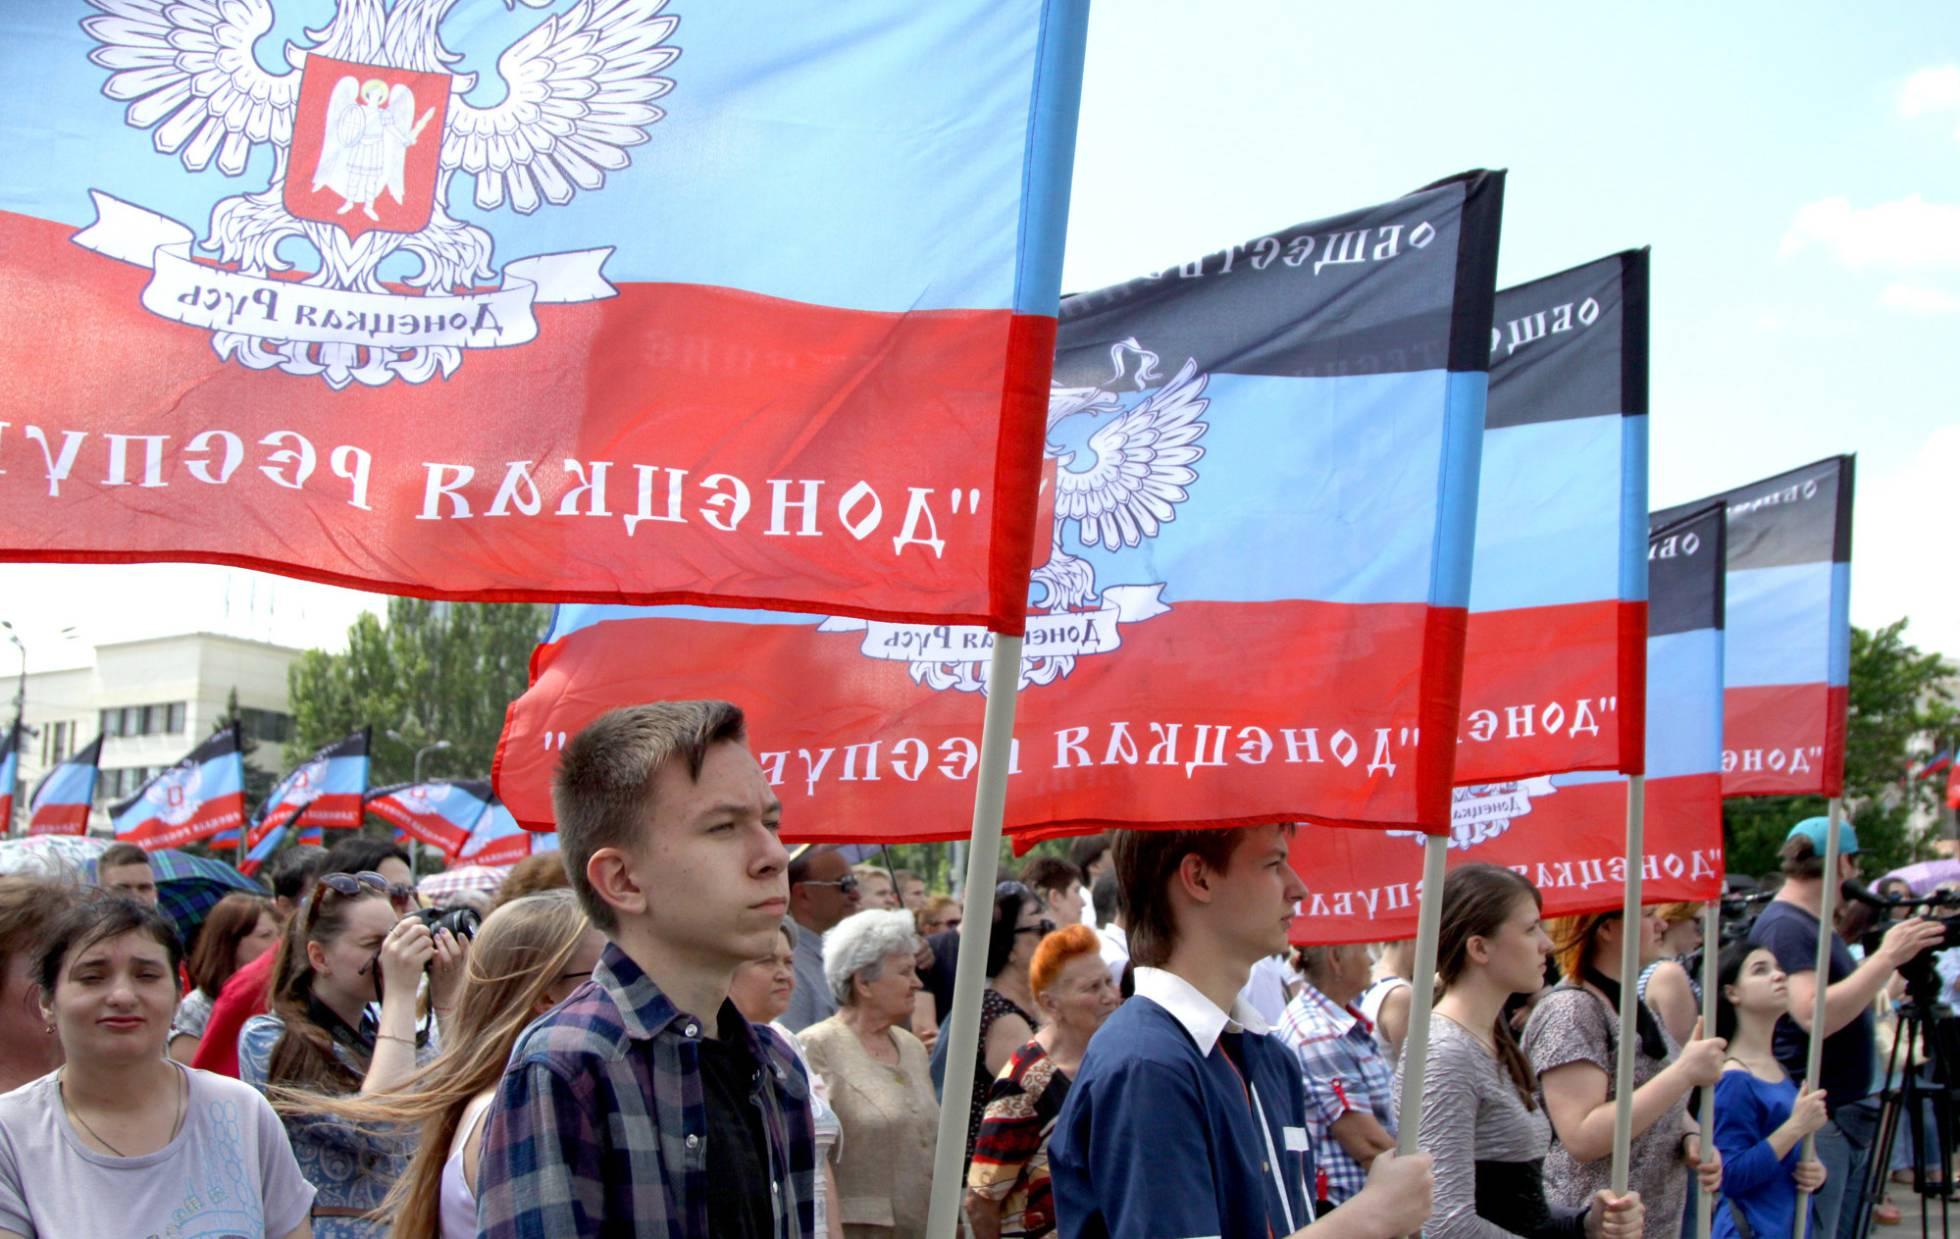 Ucrania... - Página 21 1527421617_586864_1527436464_noticia_normal_recorte1